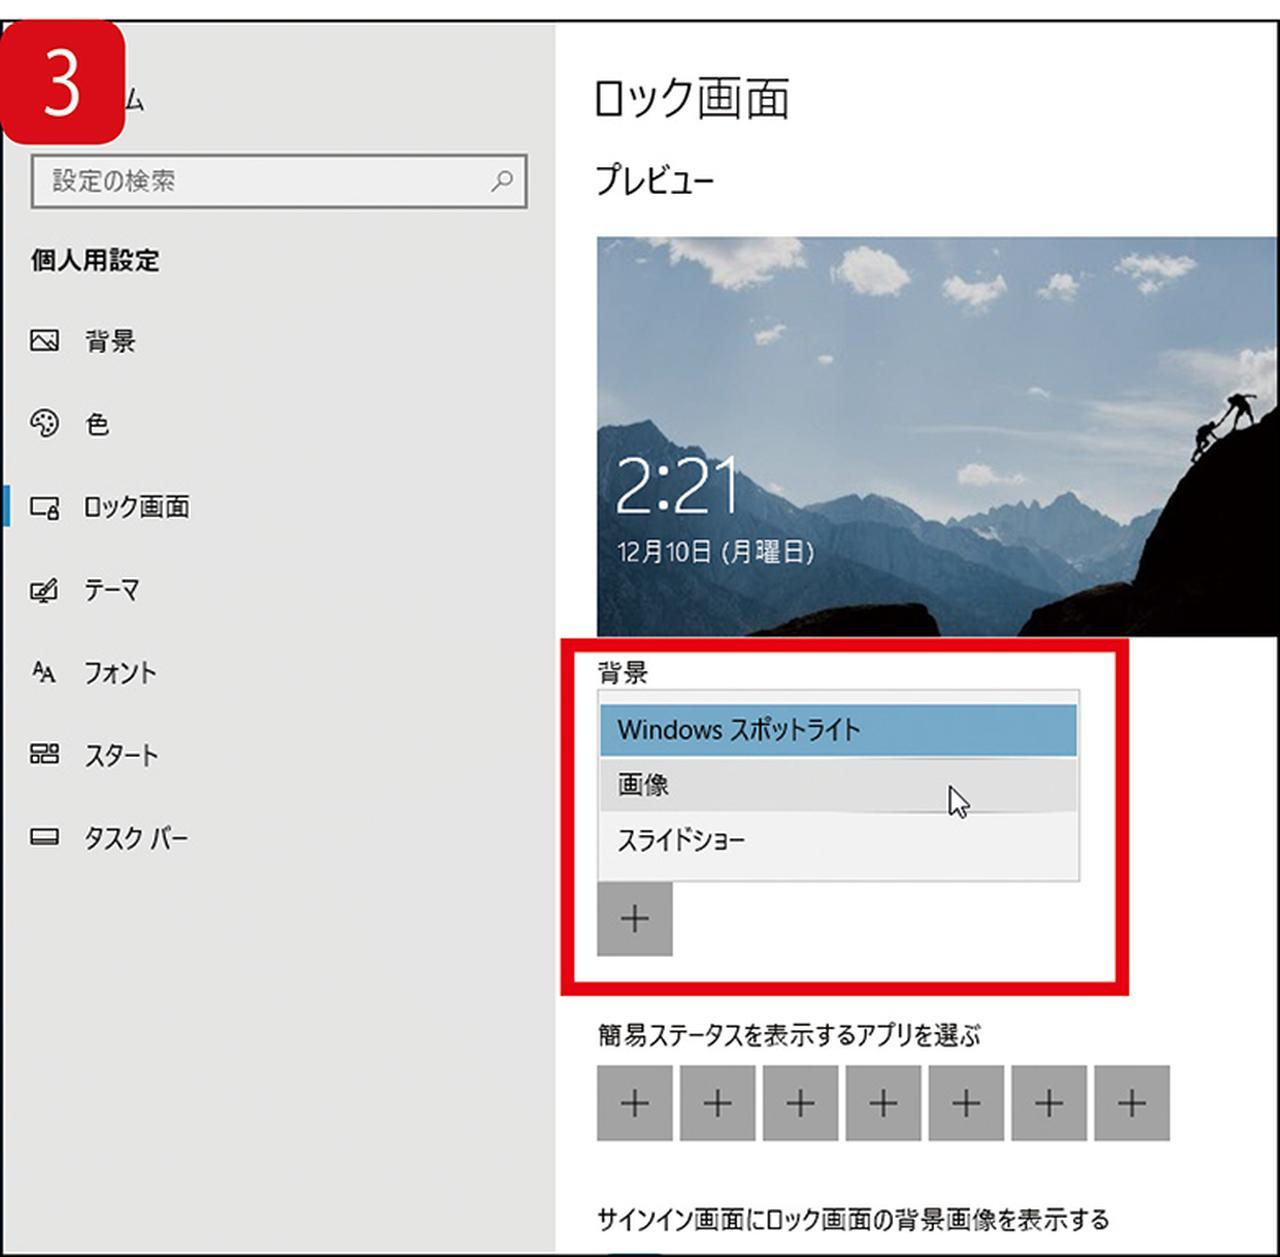 画像: ロック画面の背景を「Windowsスポットライト」から「画像」もしくは「スライドショー」に変更。これでメッセージが表示されなくなる。